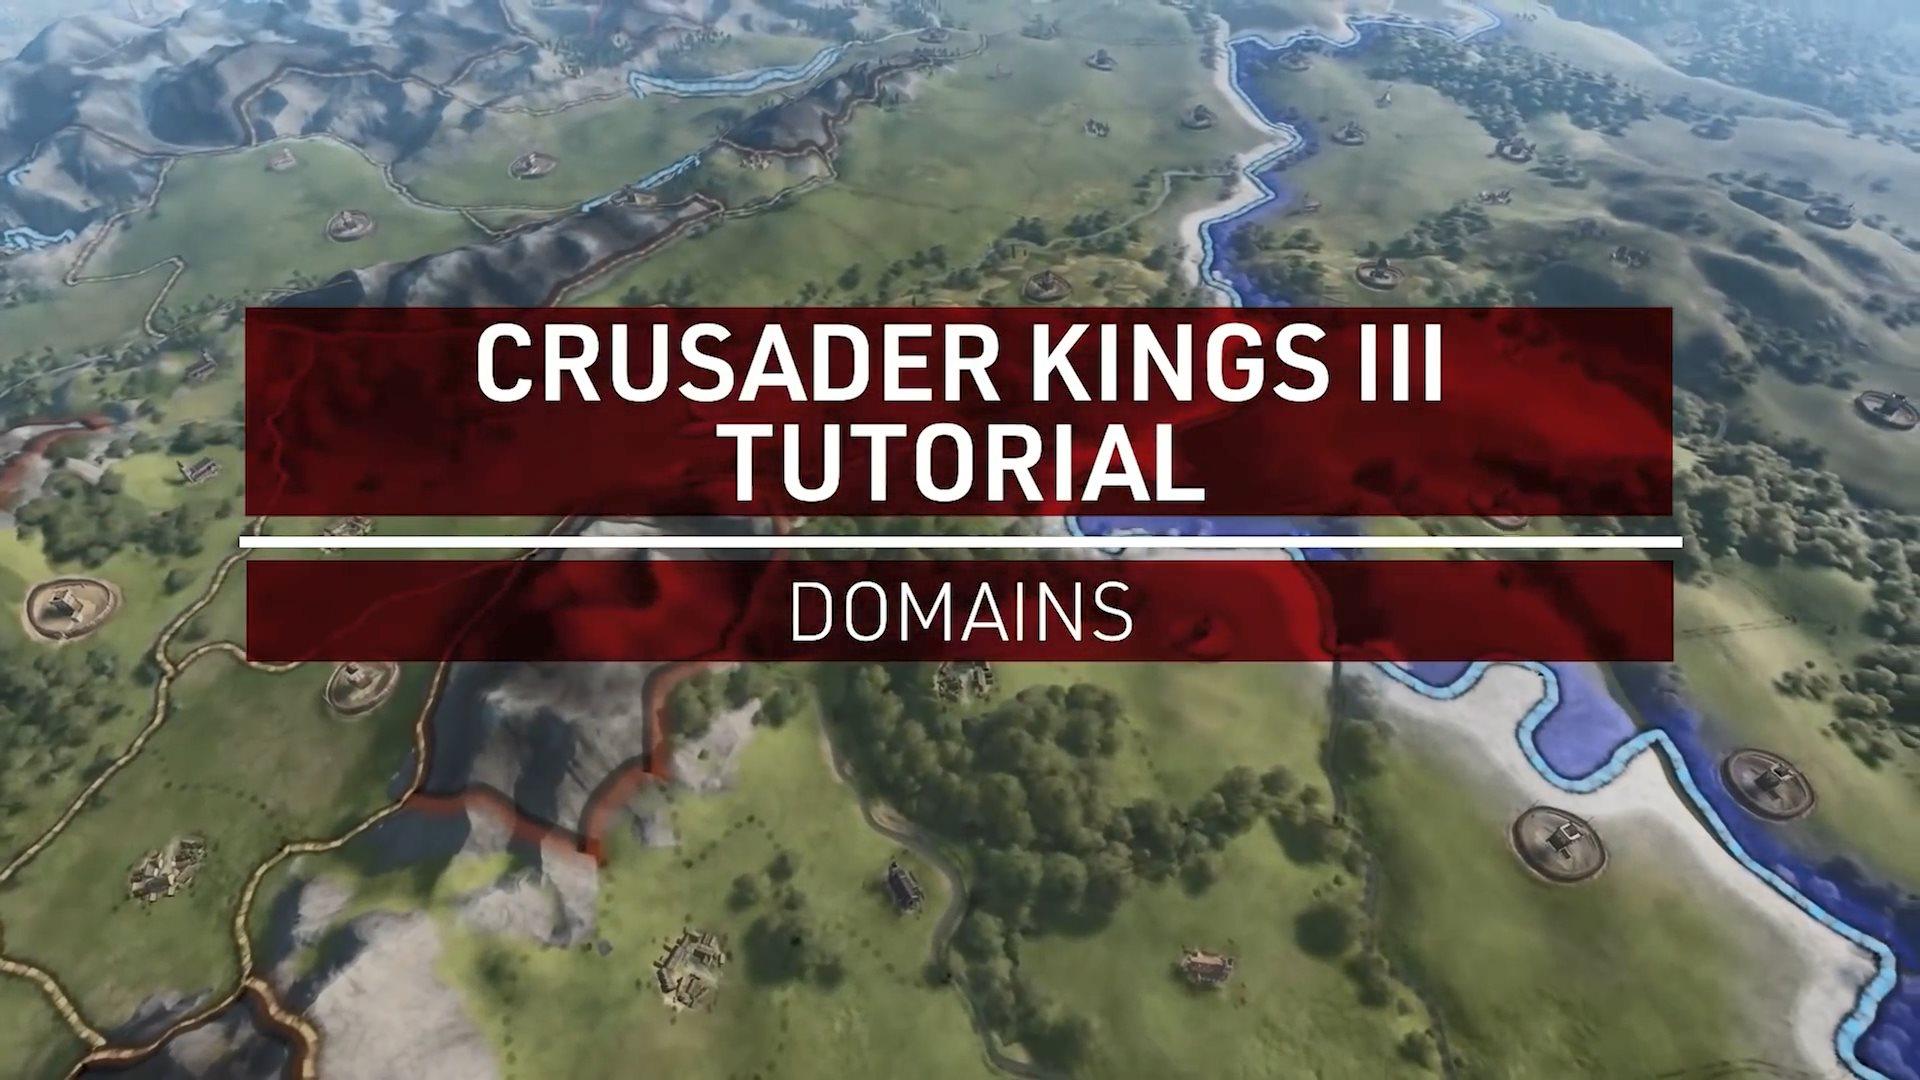 《十字军之王3》领地介绍演示:发展度、掌控度及民意